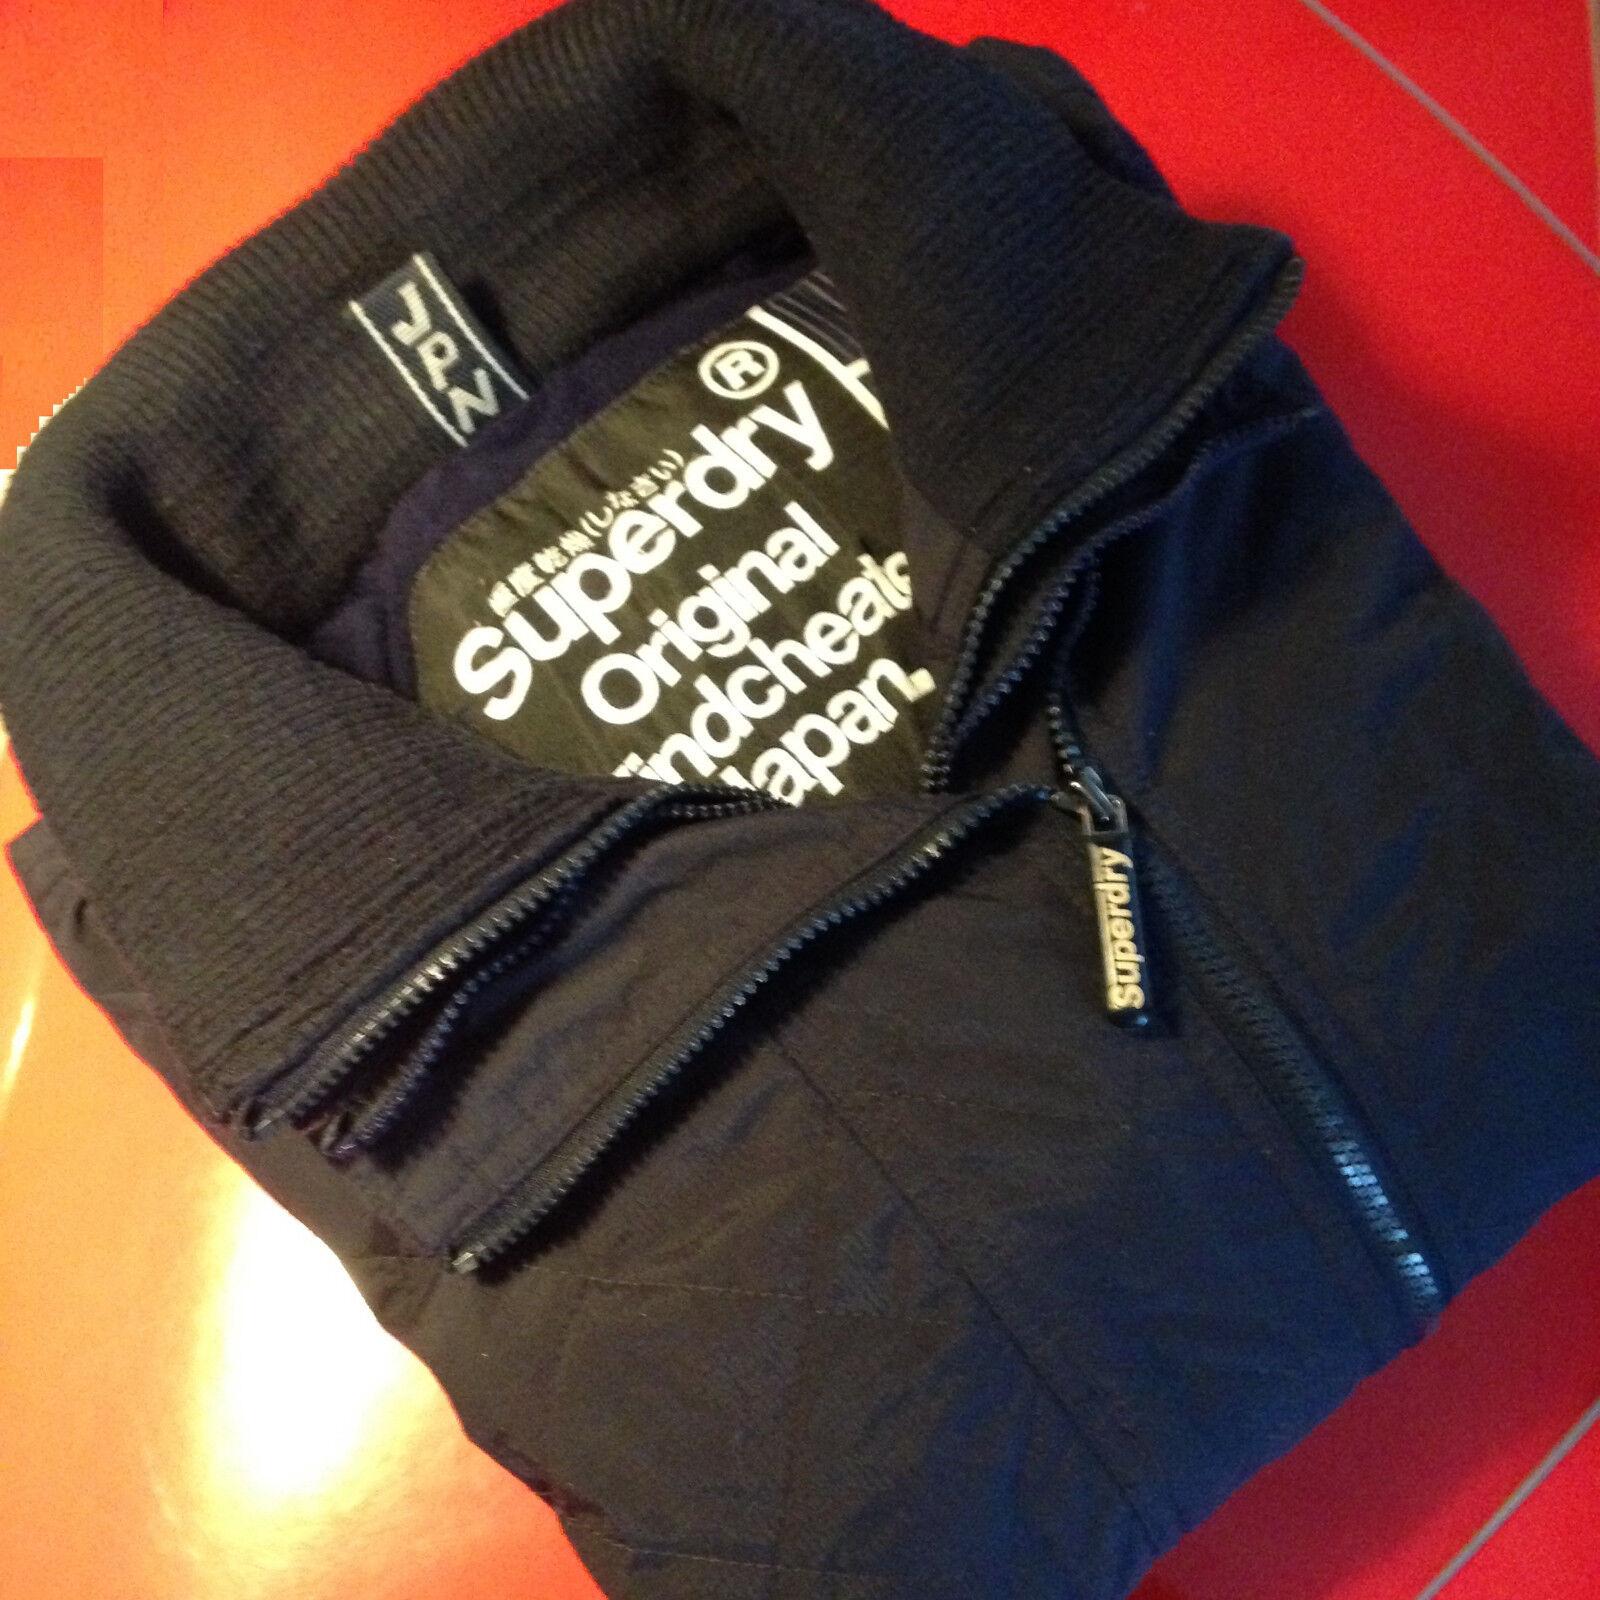 SUPERDRY giubbotto giacca in cotone foderata collo in lana veste aderente 52